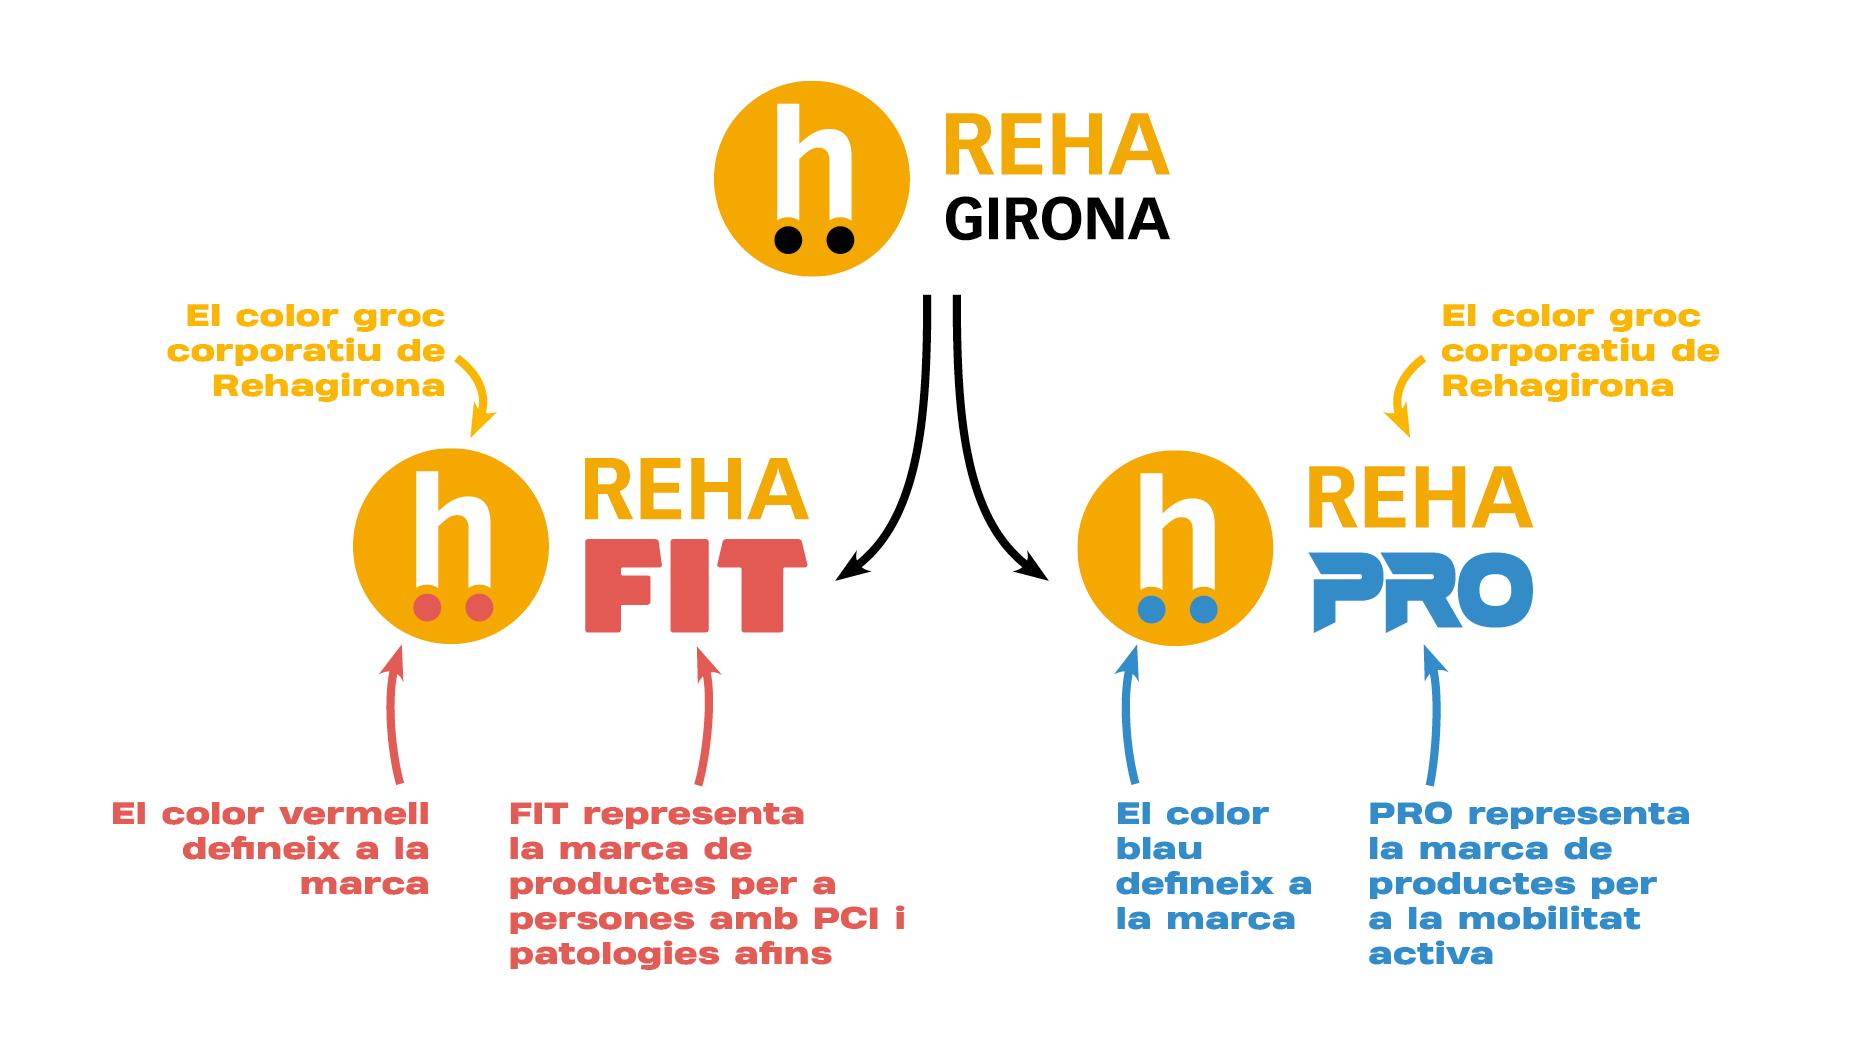 Creem RehaFit i RehaPro, dues noves marques per aportar més valor i facilitar la segmentació dels nostres productes